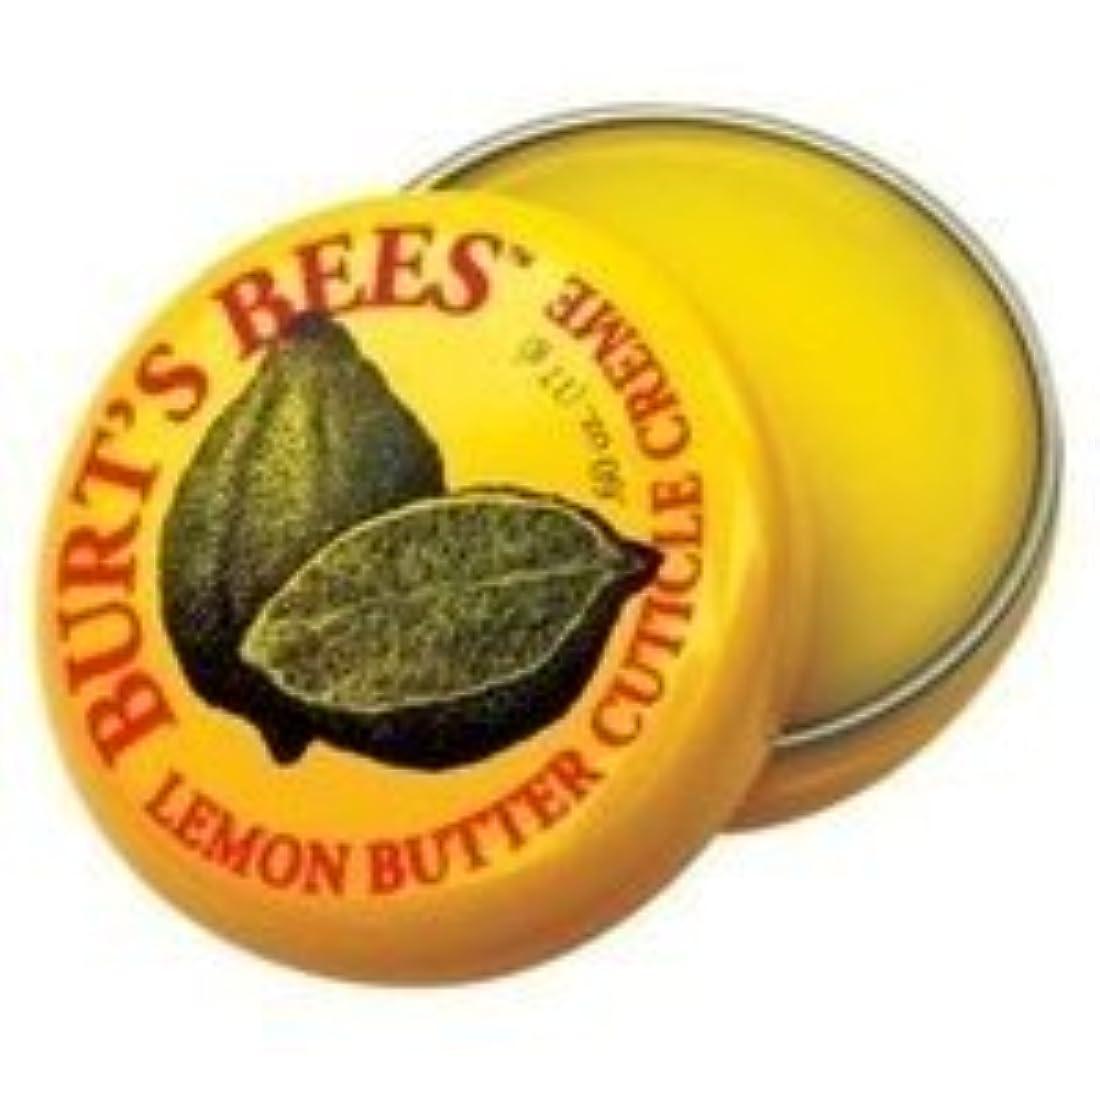 バーツビー(バーツビーズ) レモンバターキューティクルクリーム 17g 2個セット